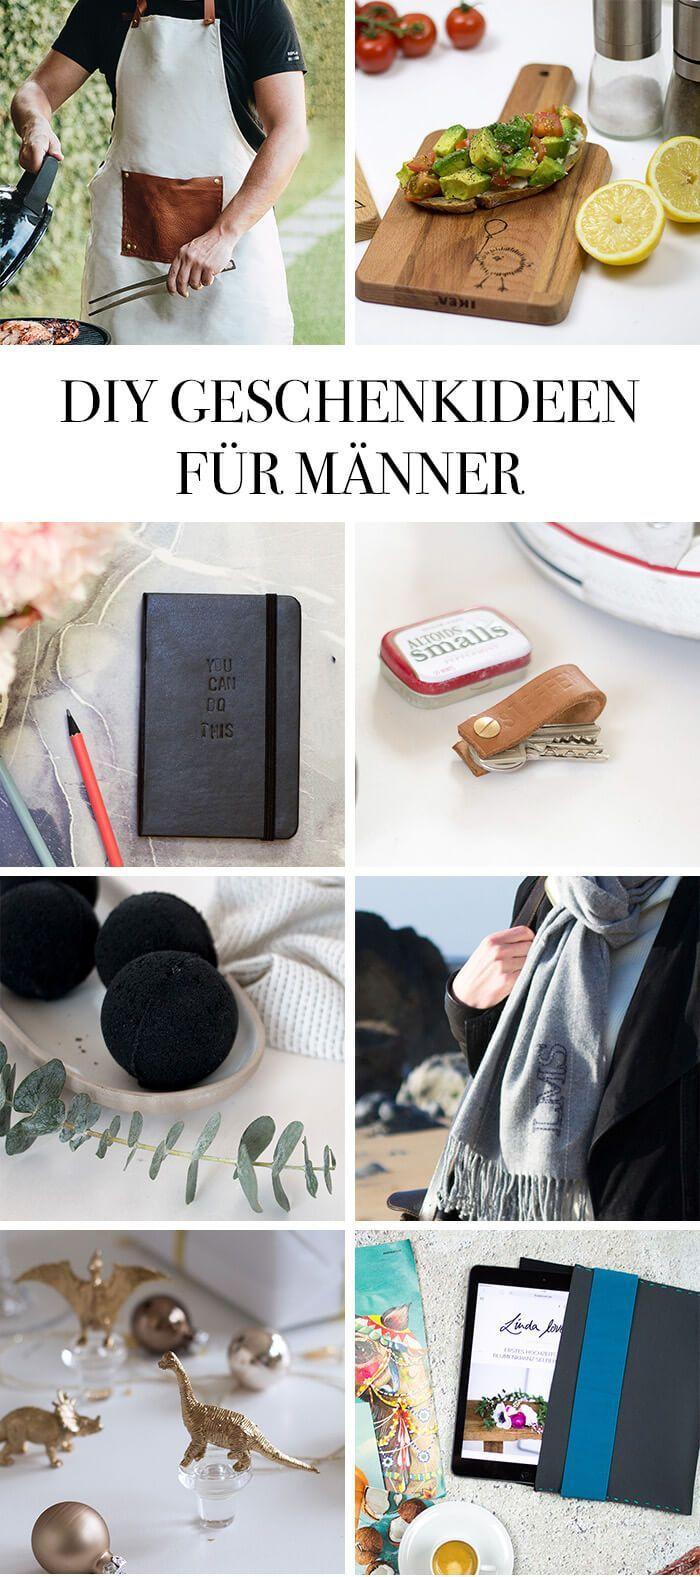 Diy Geschenke Fur Manner Geschenktipps Fur Ihn Diy Geschenke Mann Diy Geschenke Weihnachtsgeschenk Fur Manner